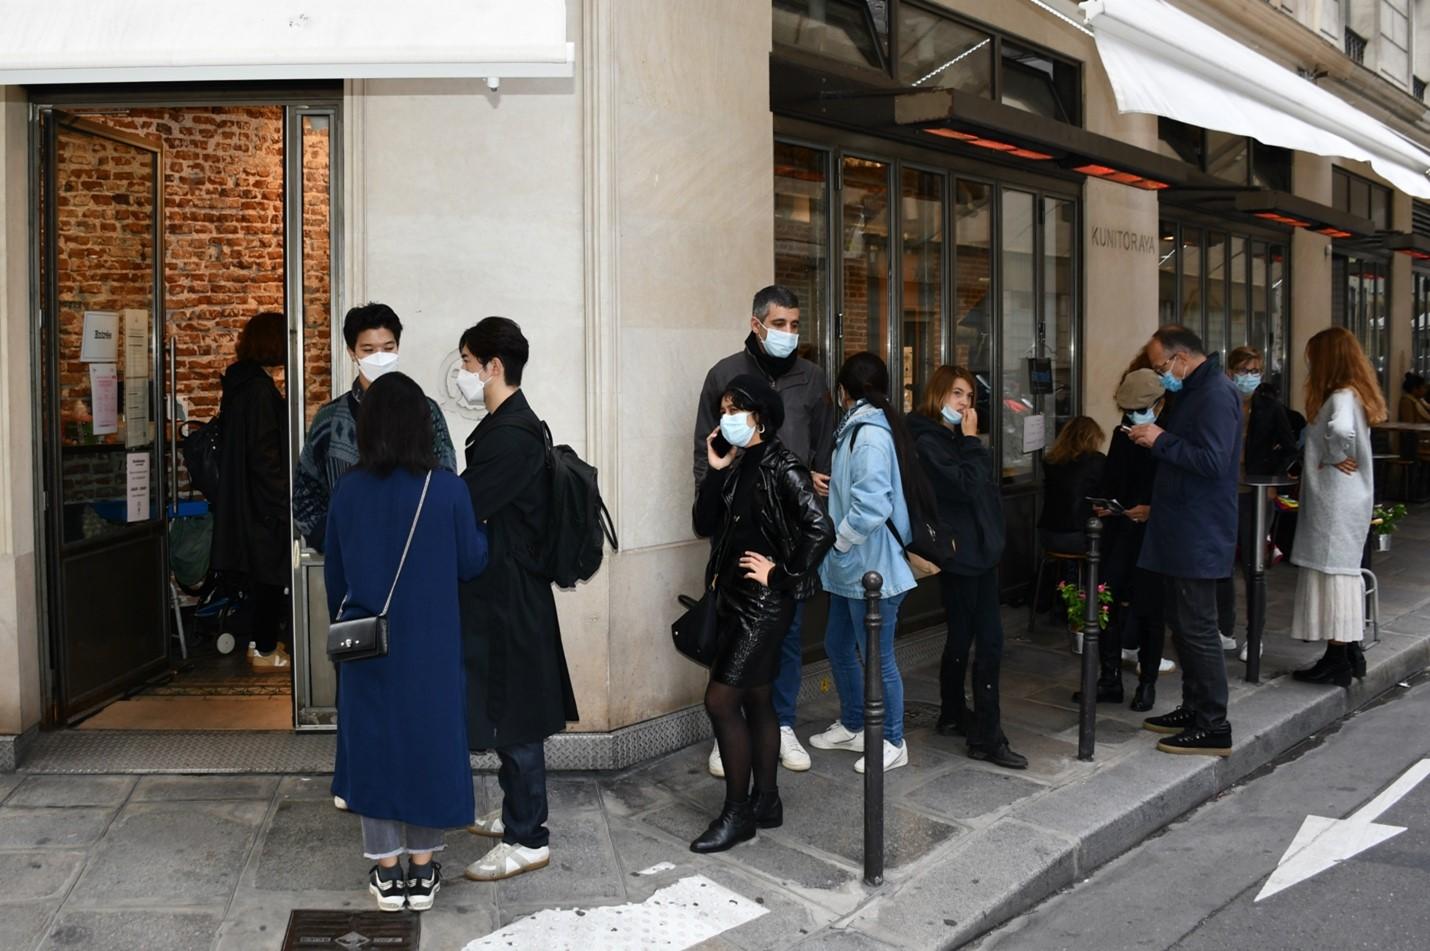 周末下午,巴黎一家老字號日本料理店外食客們排起長龍,餐廳內部更是人滿為患。 本圖片均為作者供圖